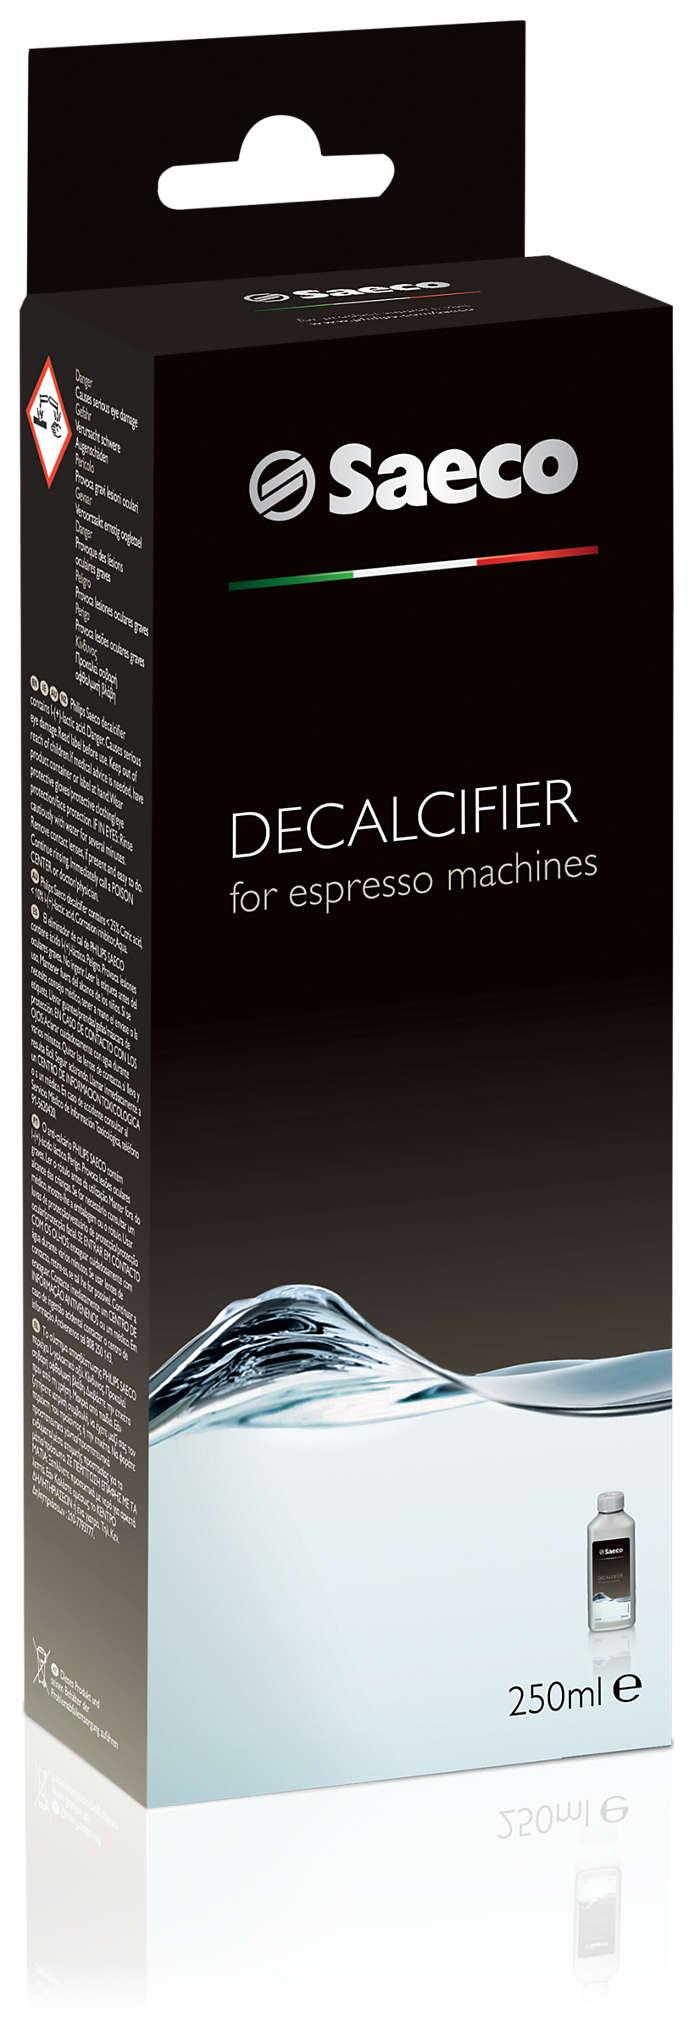 Protezione perfetta per la tua macchina da caffè